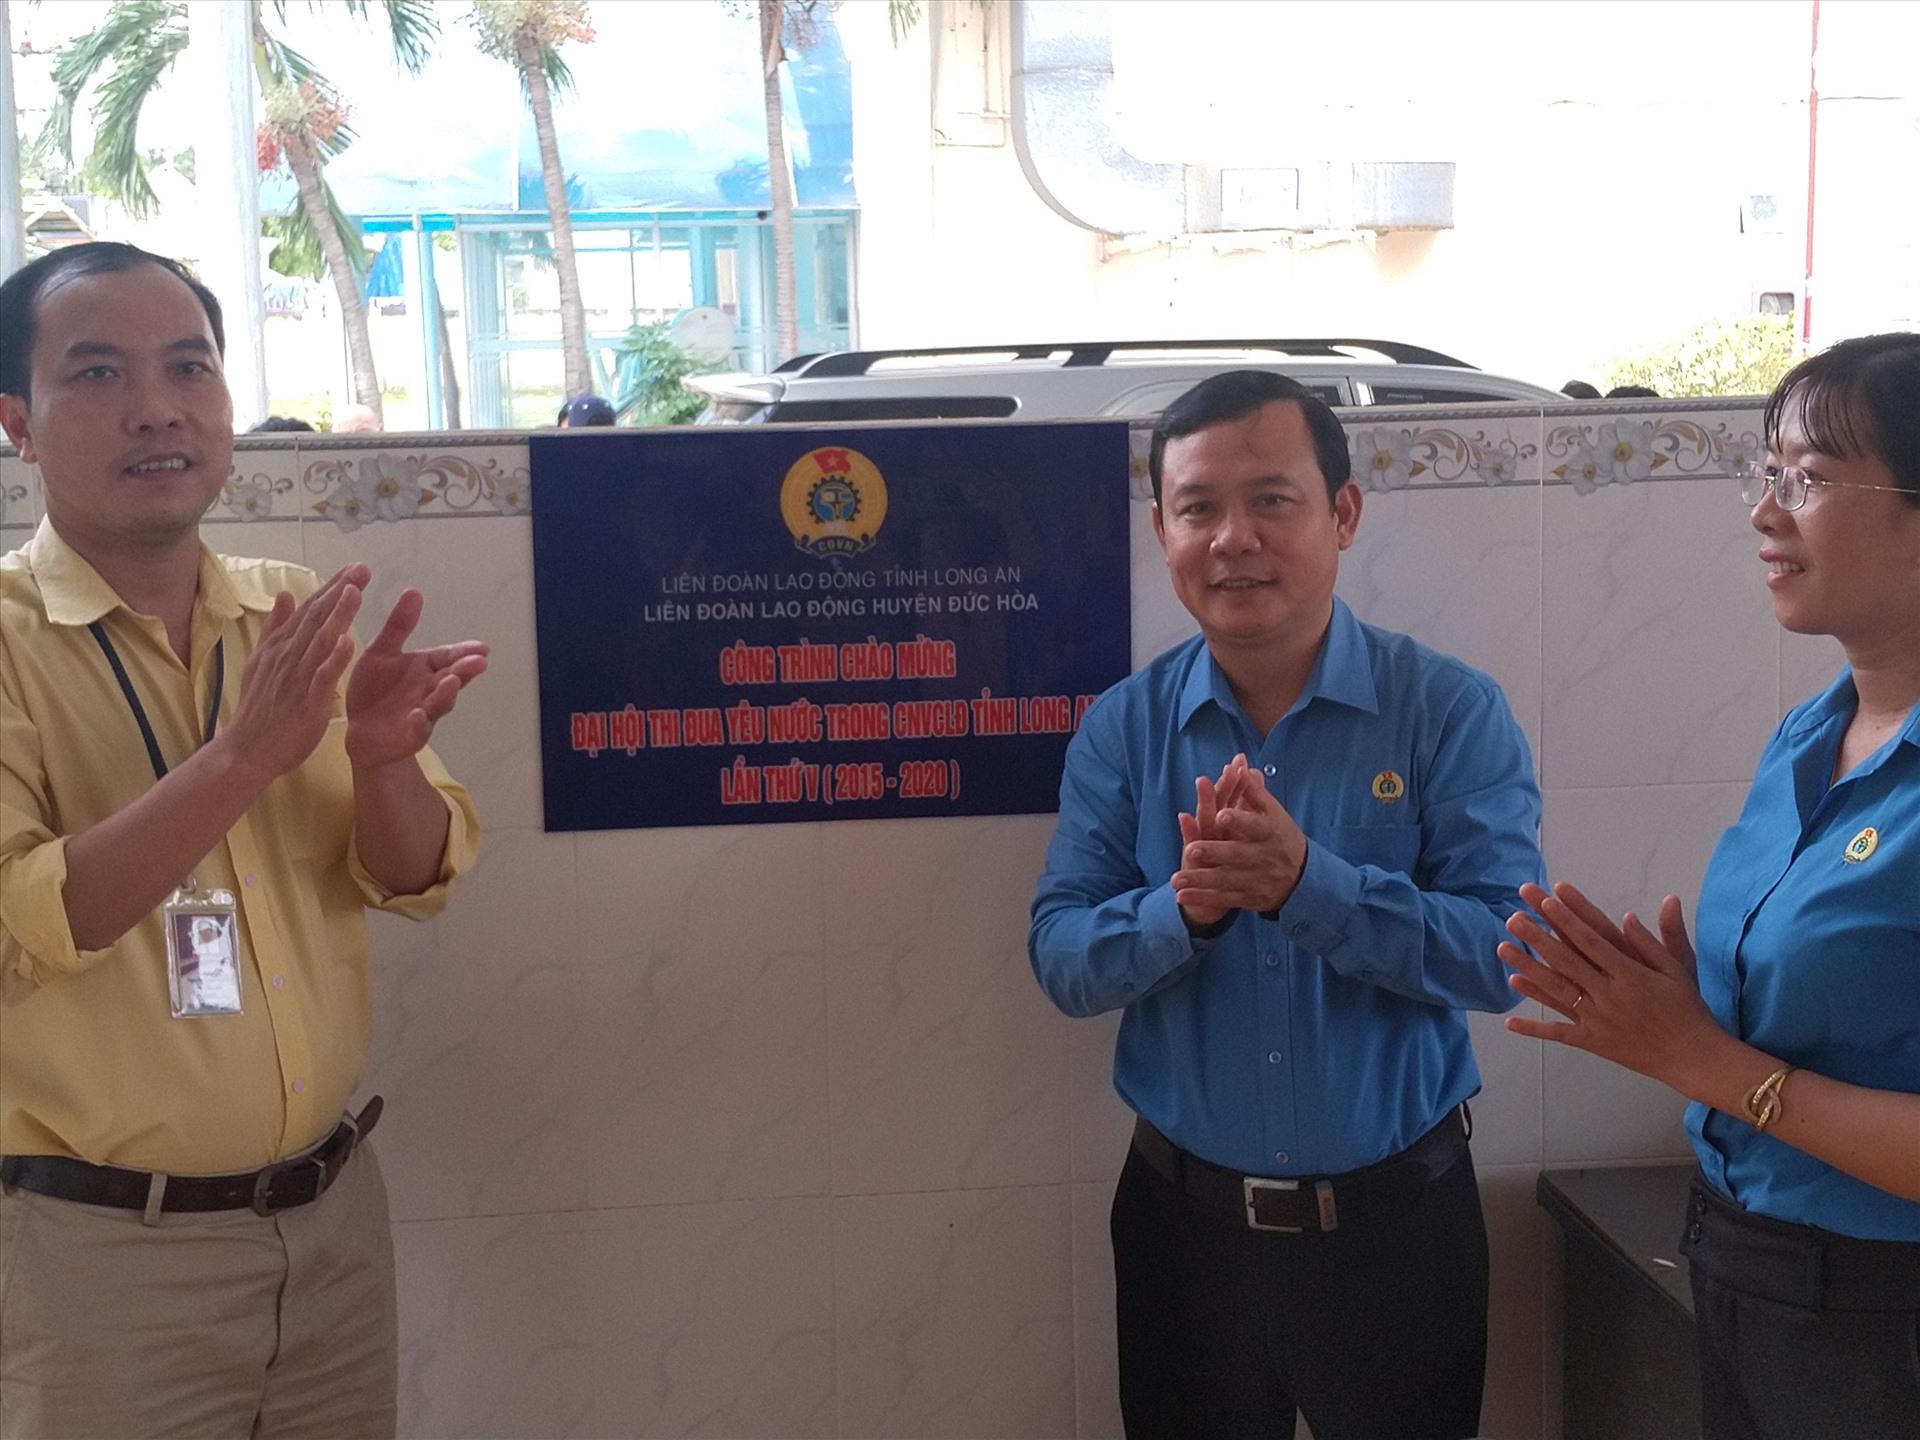 Ông Hồ Văn Xuân thực hiện nghi thức gắn biển công trình. Ảnh: K.Q